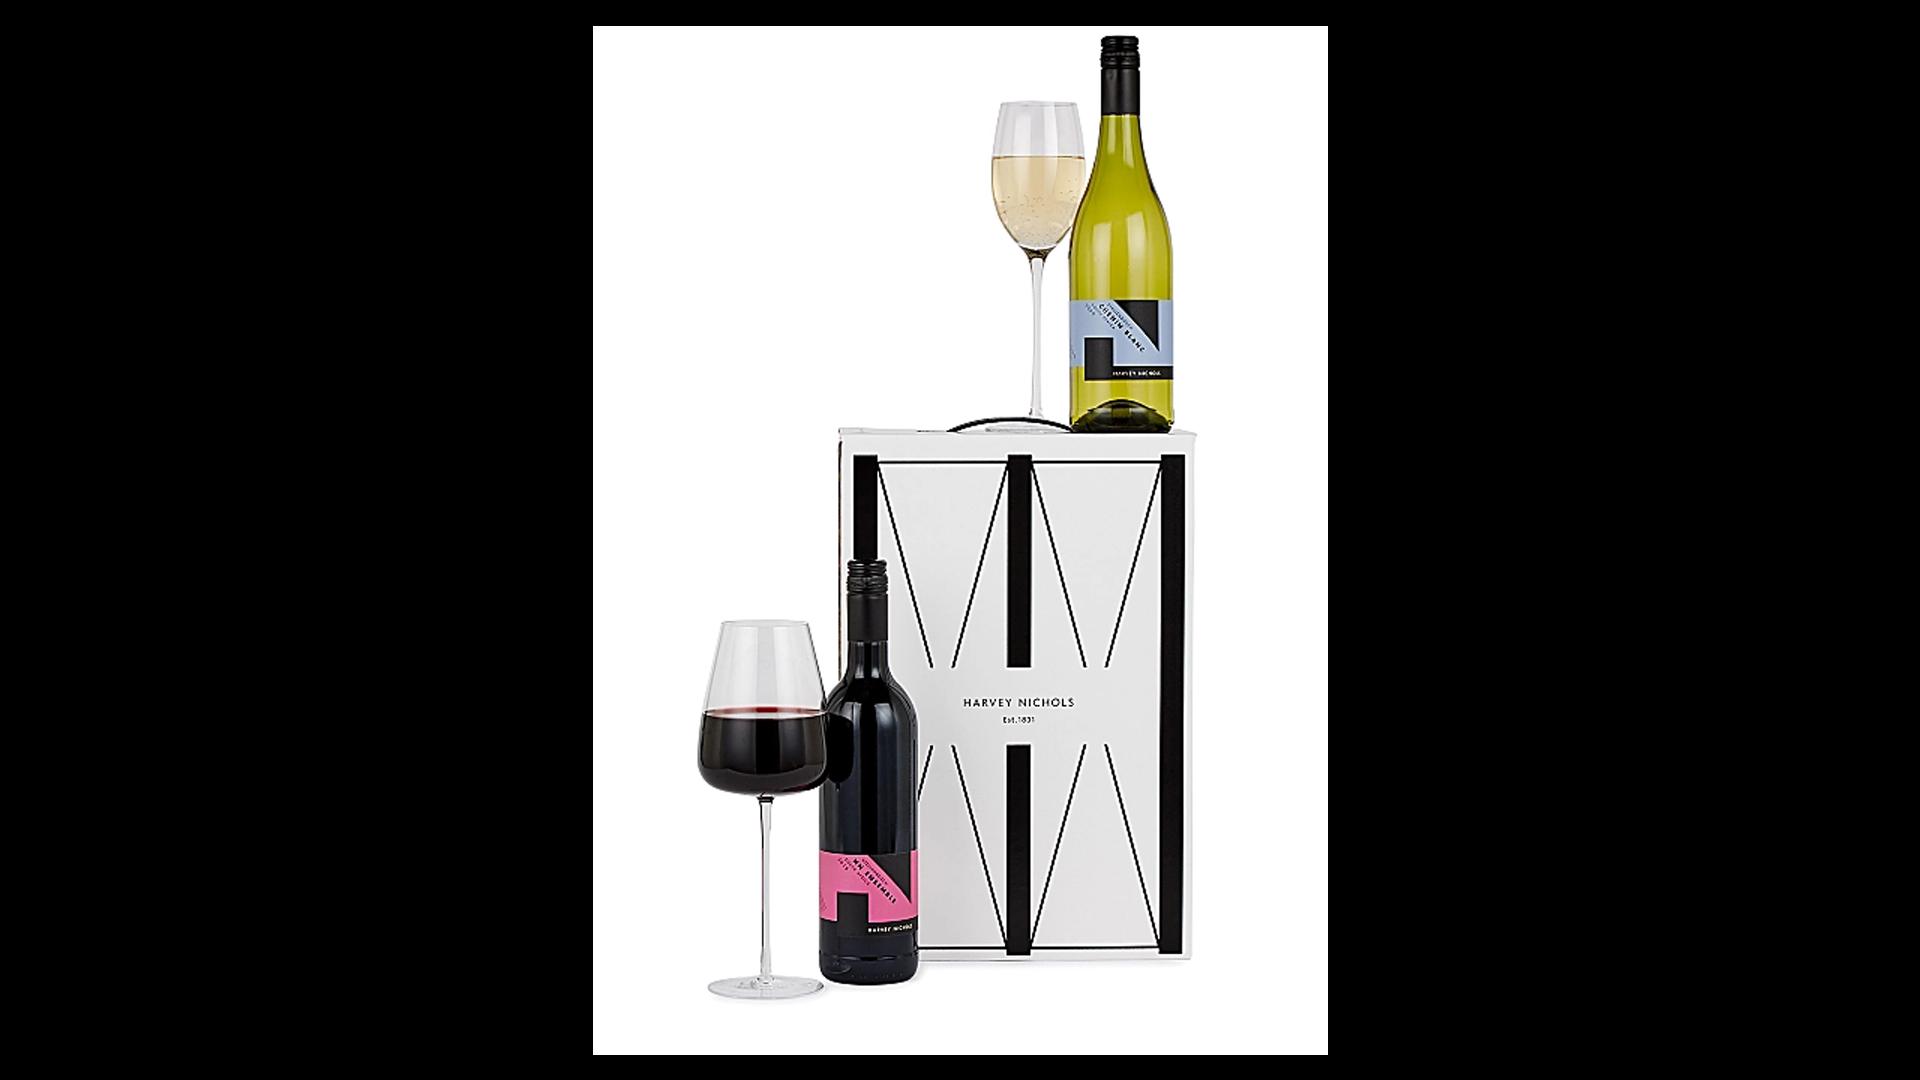 Un panier de vins mélangés pour la fête des pères